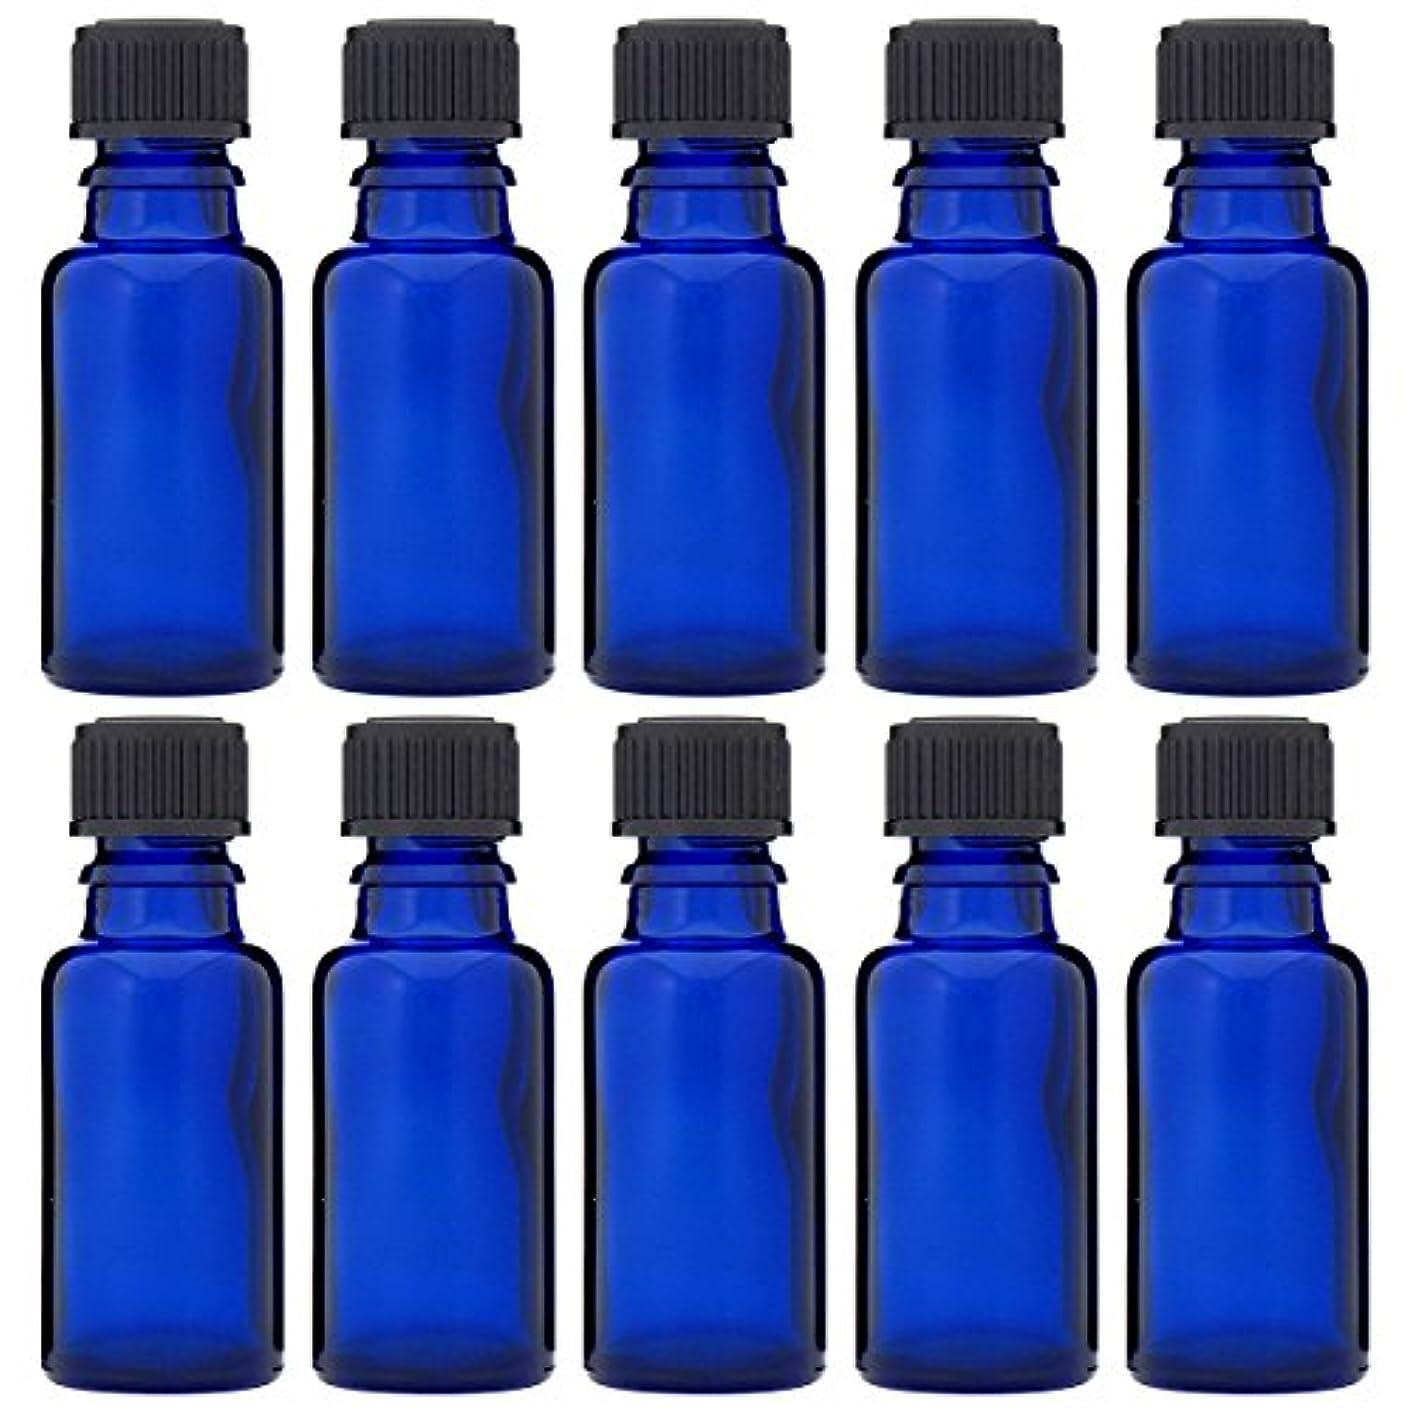 動作綺麗なパトワ青色遮光ビン 30ml (ドロッパー付) 10本セット